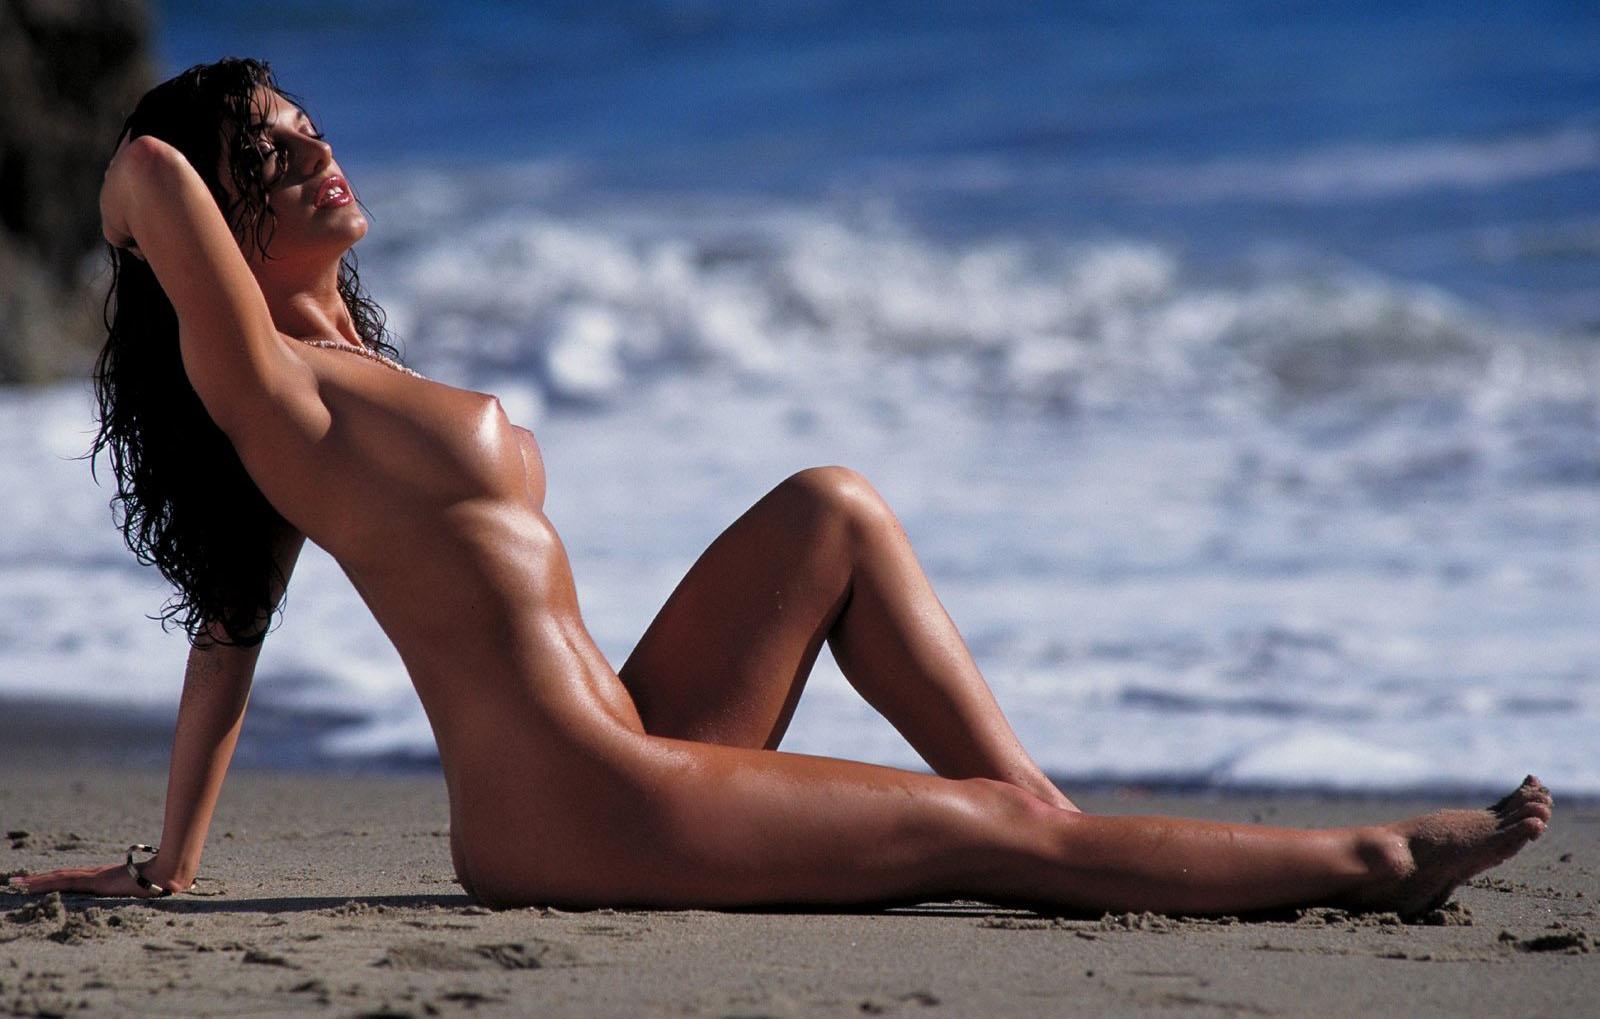 Топлесс девки на пляже, Топлесс на пляже (52 фото) » Невседома - жизнь полна 24 фотография